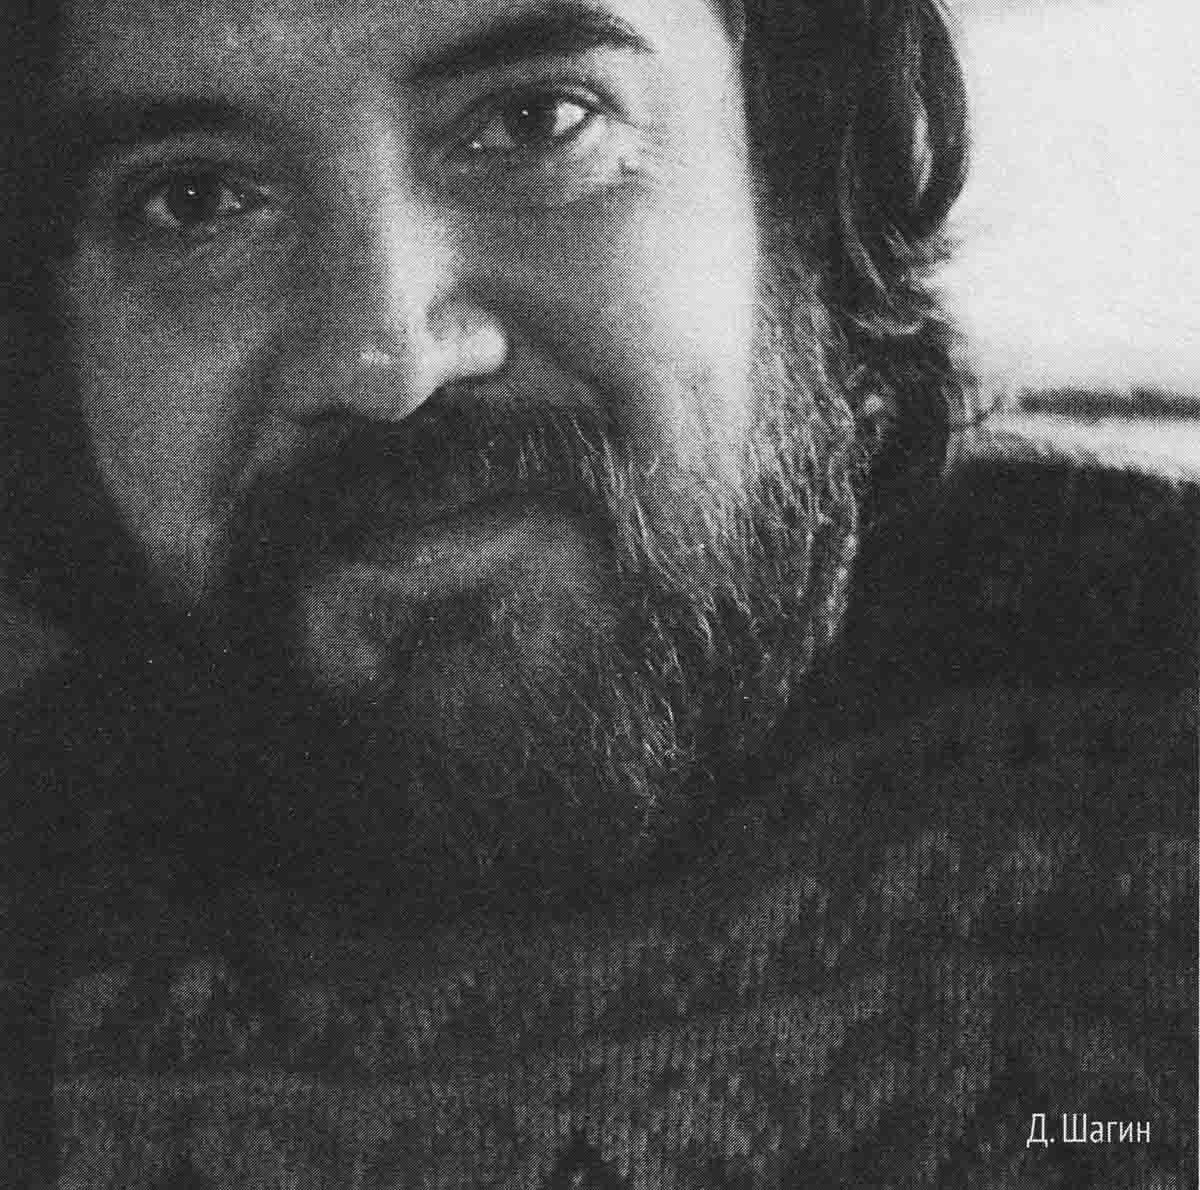 Член комиссии по организации выставки художник Шагин